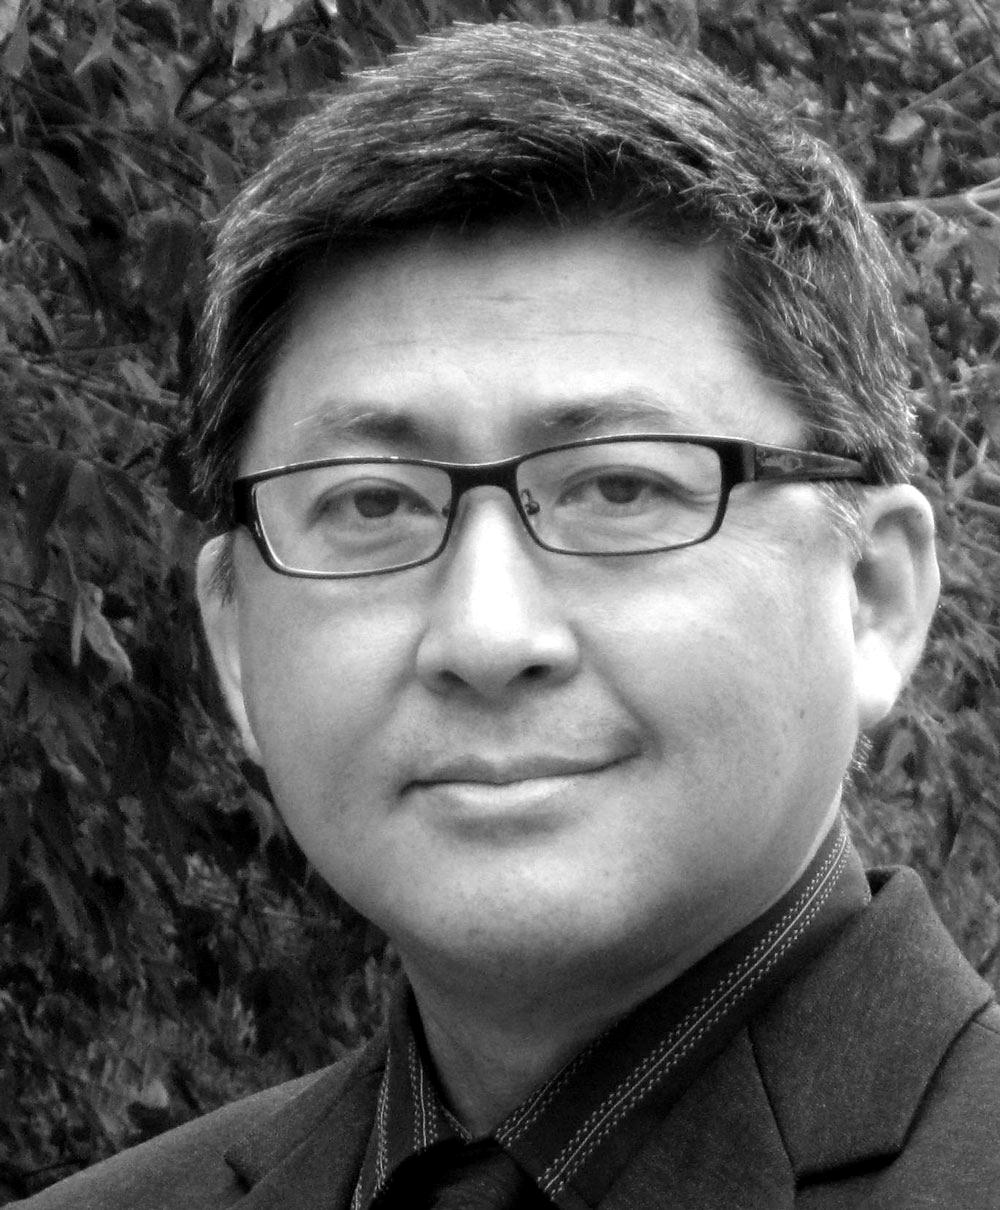 Headshot of Jack Chung